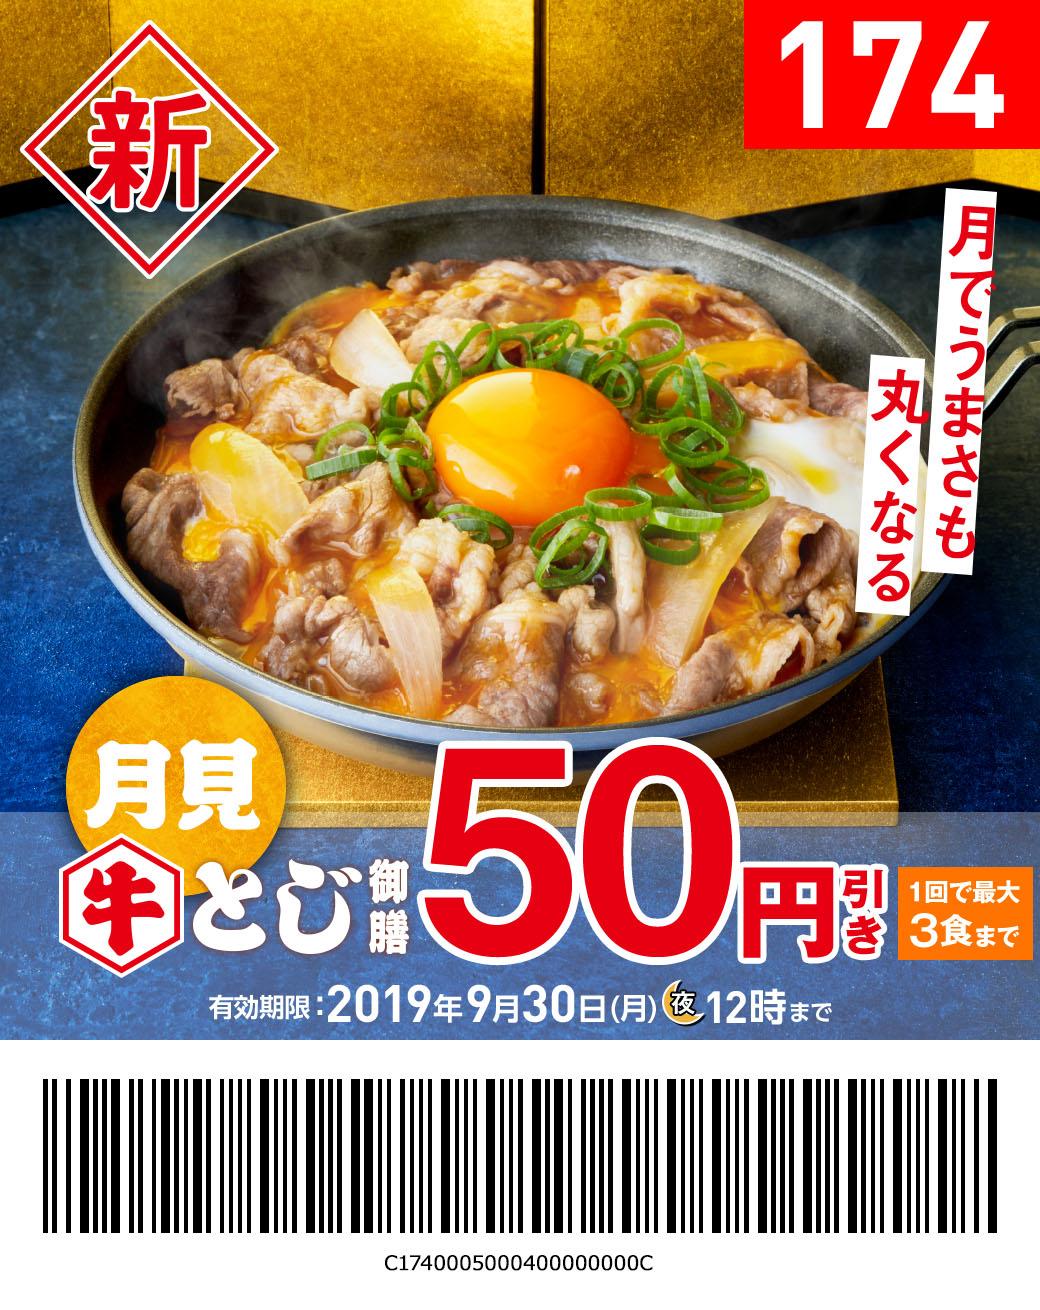 吉野家で月見牛とじ御膳が50円引きクーポンを配信中。~9/30。